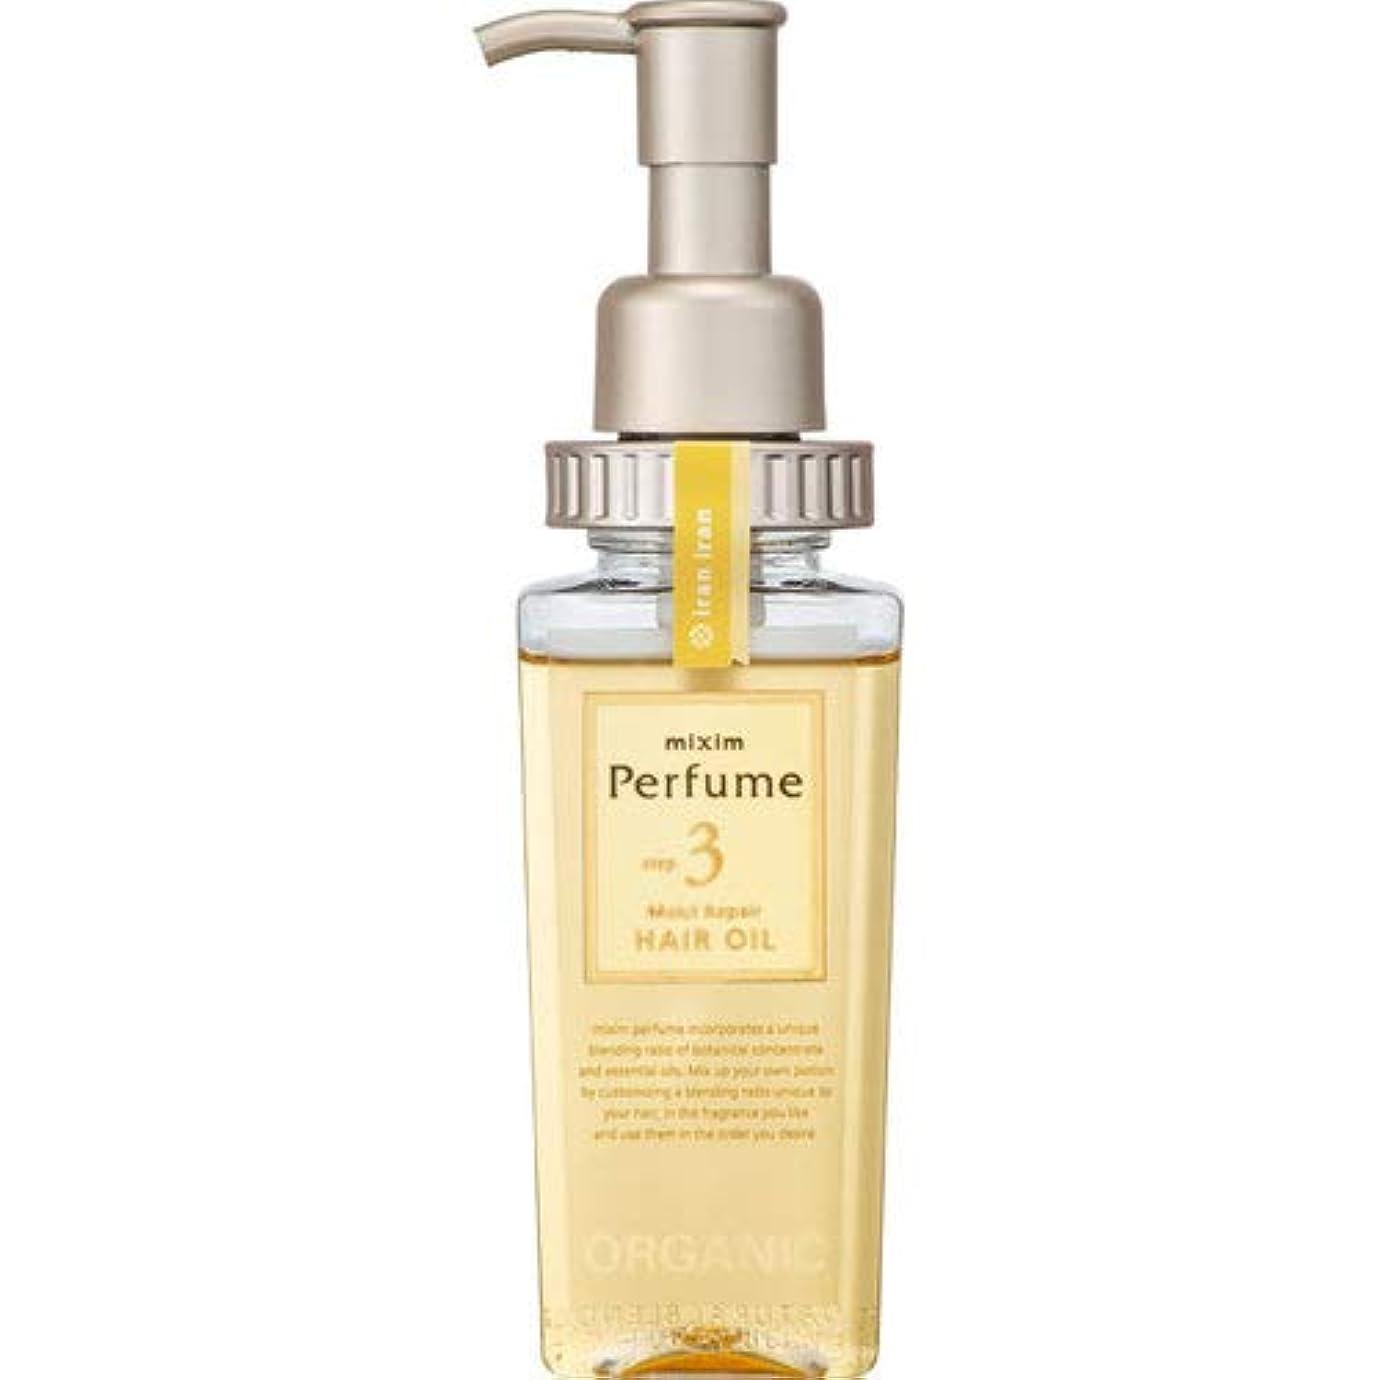 反対に憂慮すべき六分儀mixim Perfume(ミクシムパフューム) モイストリペア ヘアオイル 100mL